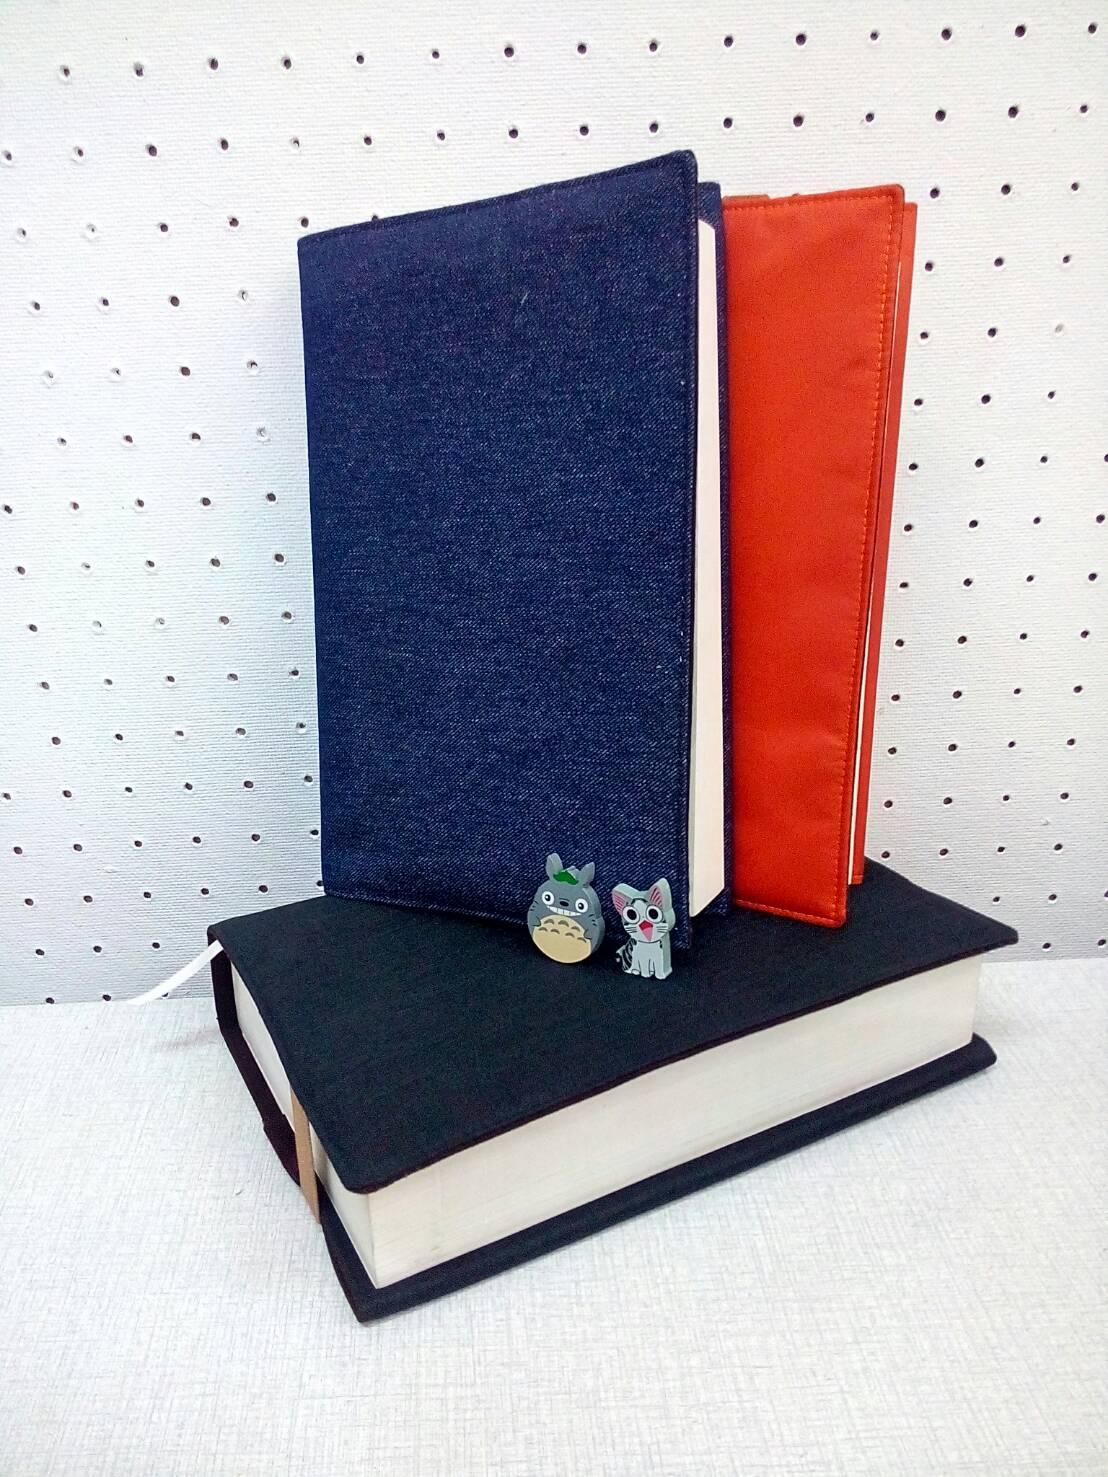 ปกหนังสือผ้า handmade สายรัดป้องกันปกยับ กันน้ำ ขยายขนาดได้